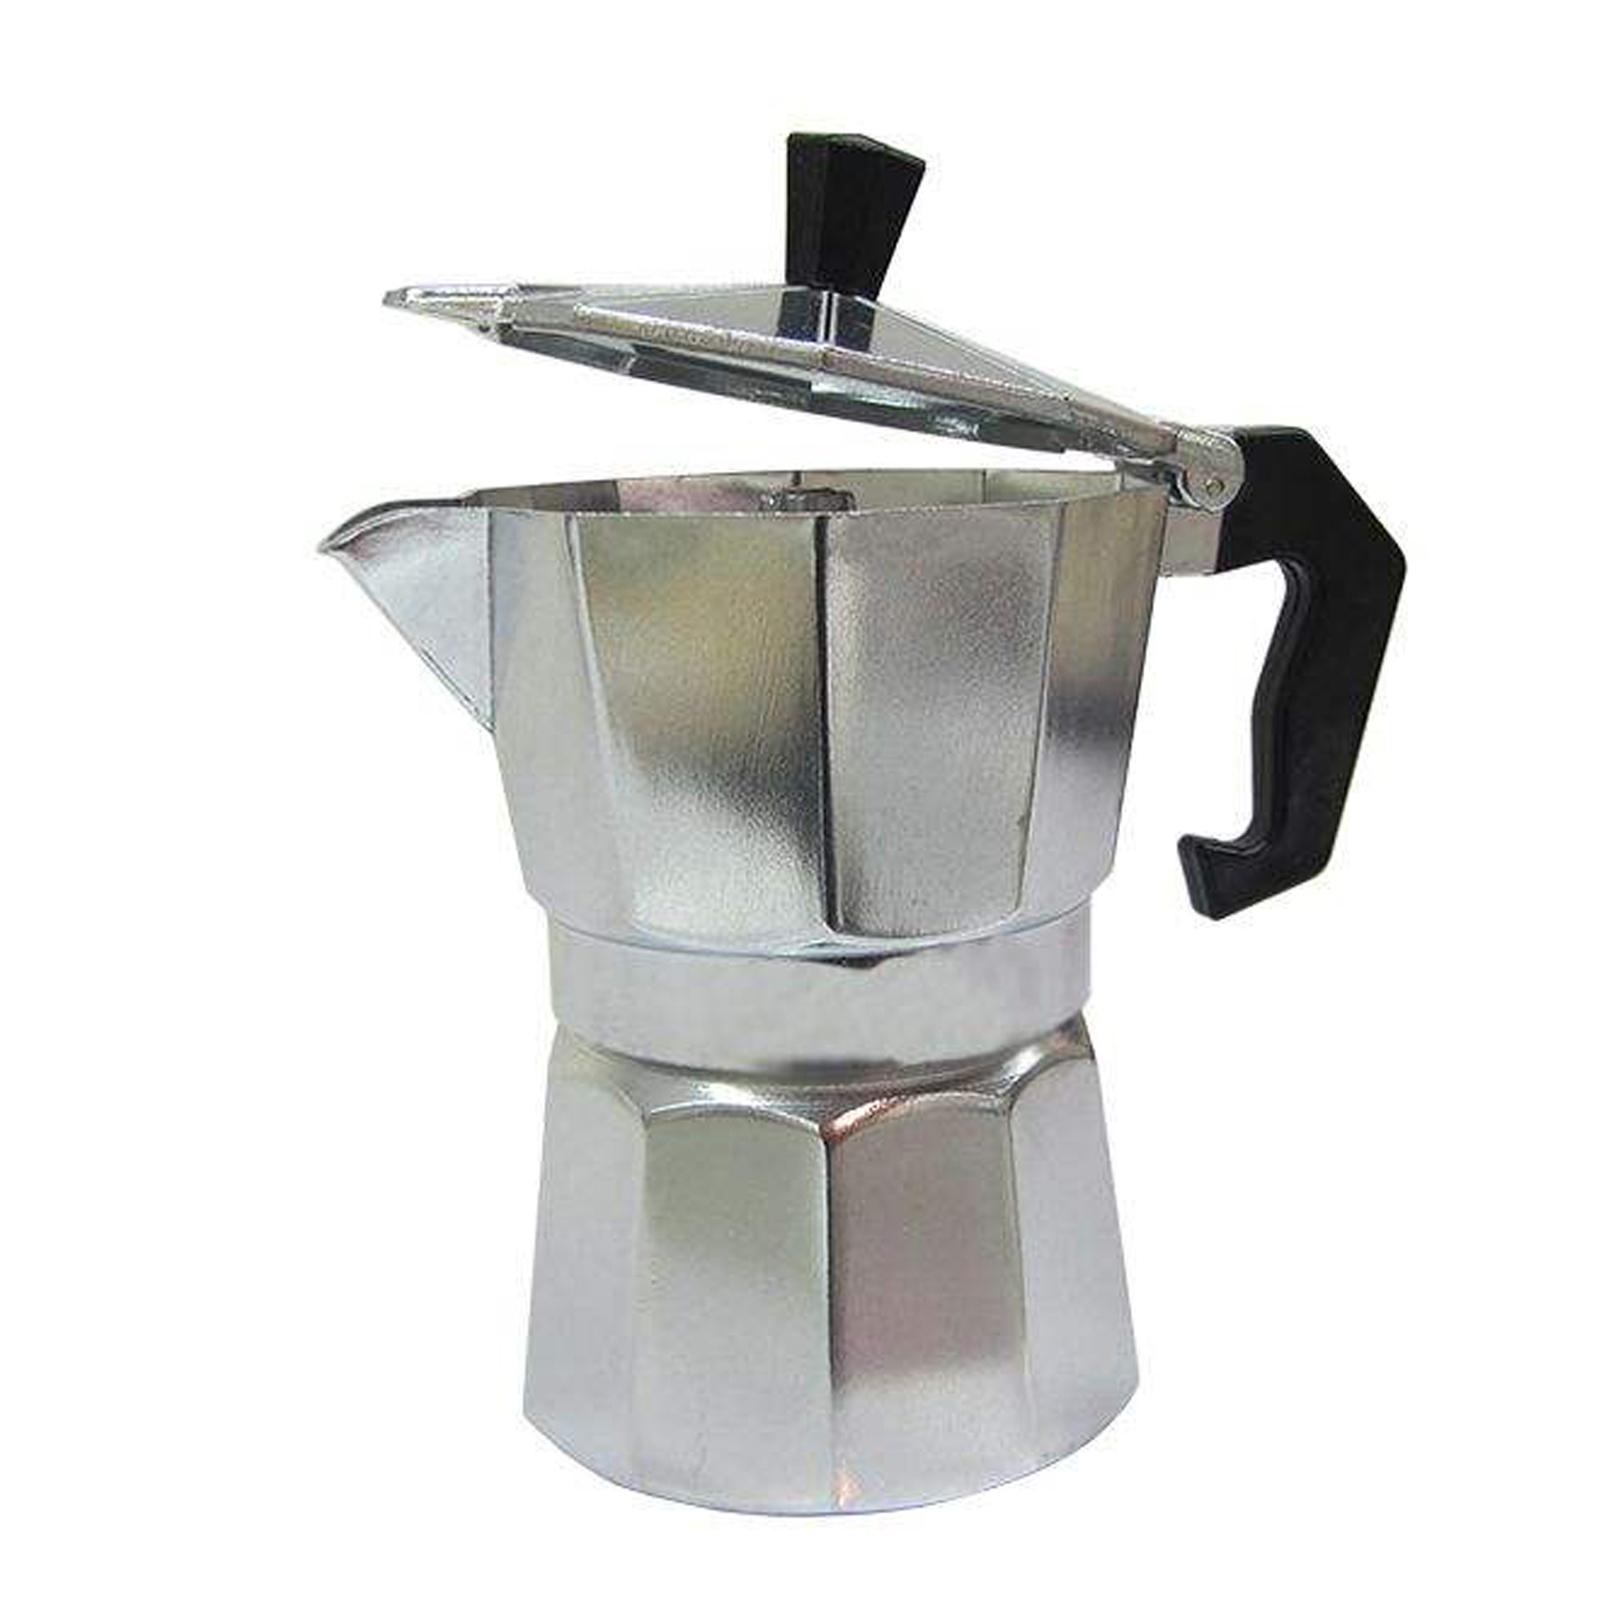 قهوه جوش مدل co2c